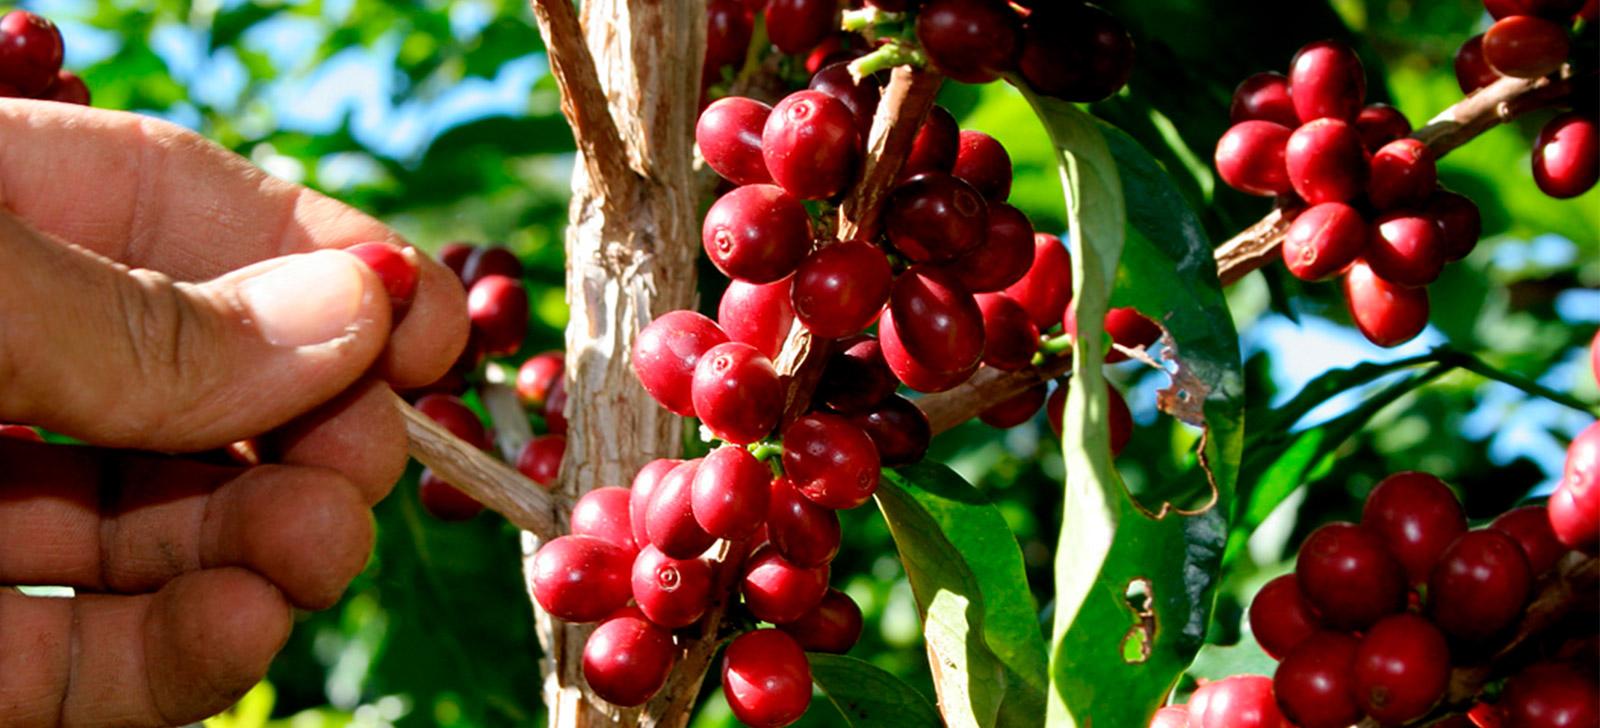 BROCA-DO-CAFÉ: SAIBA COMO FAZER O MONITORAMENTO CORRETO DA PRAGA